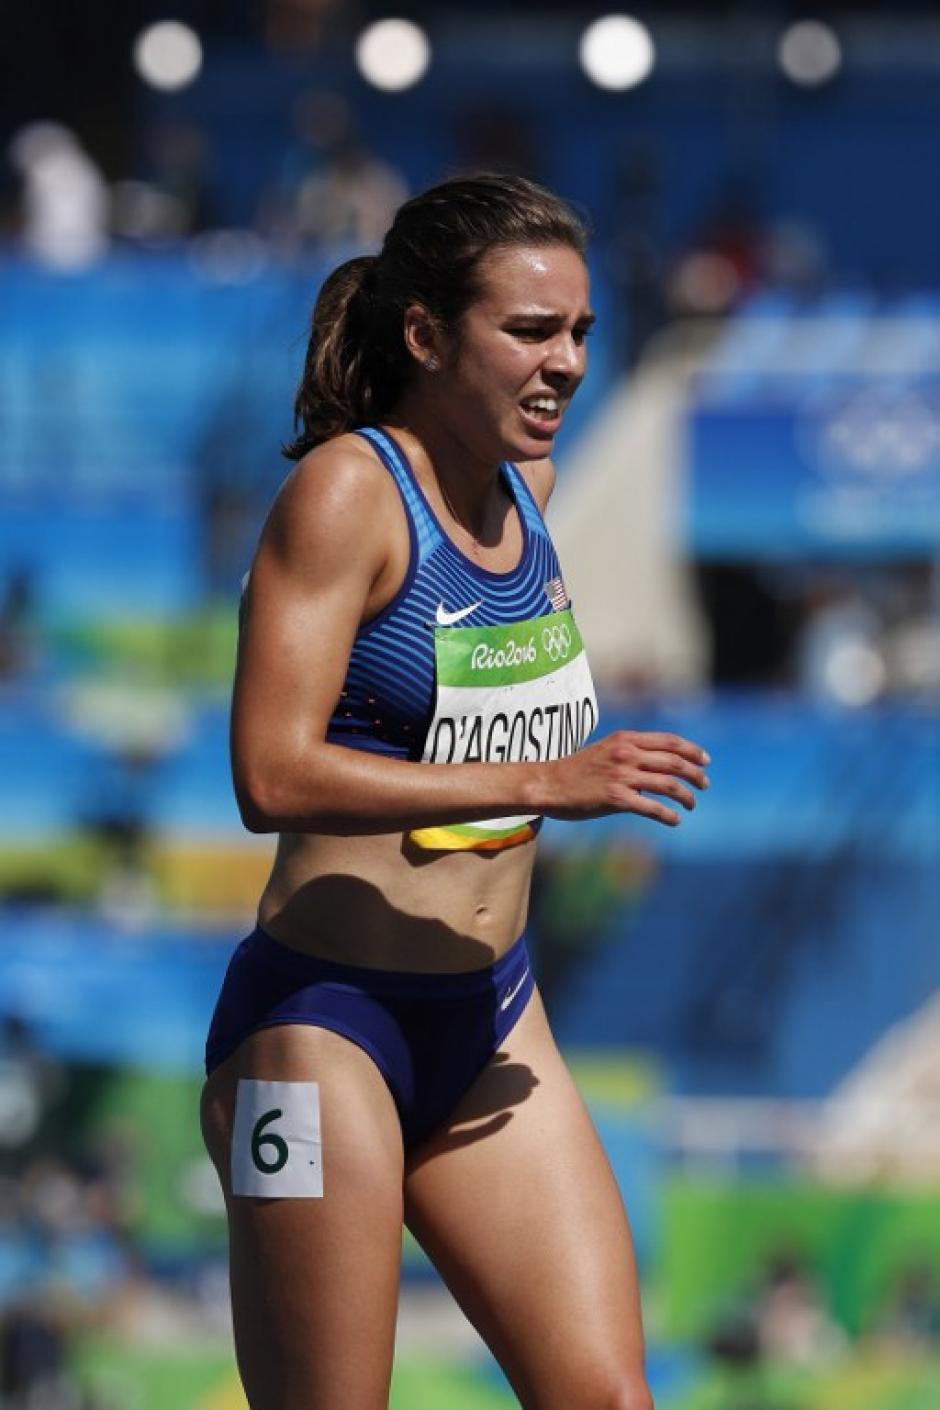 D'Agostino sufre de camino a la meta. Sin embargo, Nikki Hamblin la esperaba al final de la carrera. (Foto: AFP)